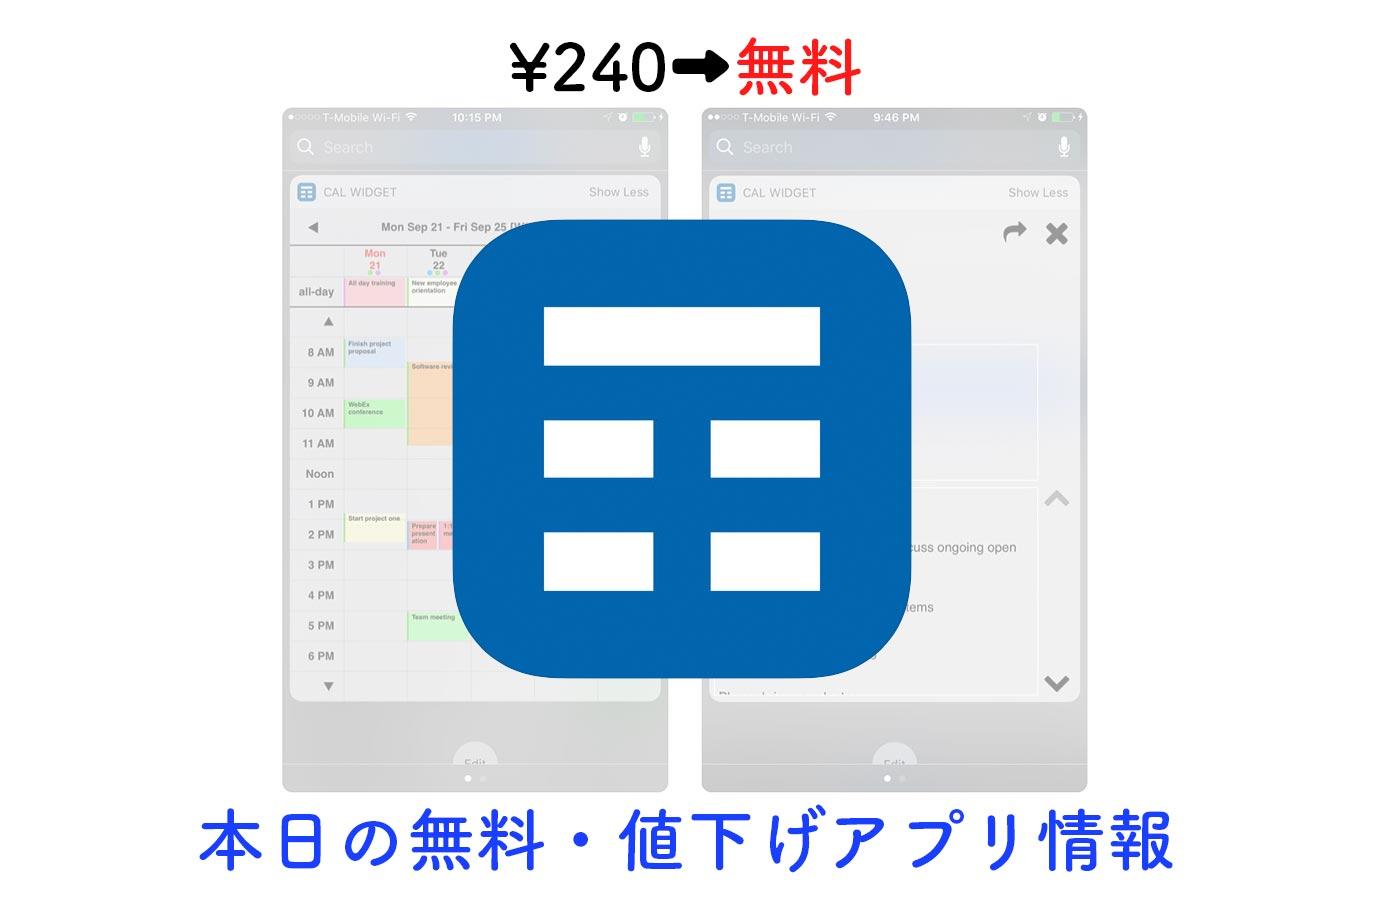 ¥240→無料、ウィジェットに1週間のカレンダーを表示する「Week Calendar Widget Pro」など【3/6】本日の無料・値下げアプリ情報